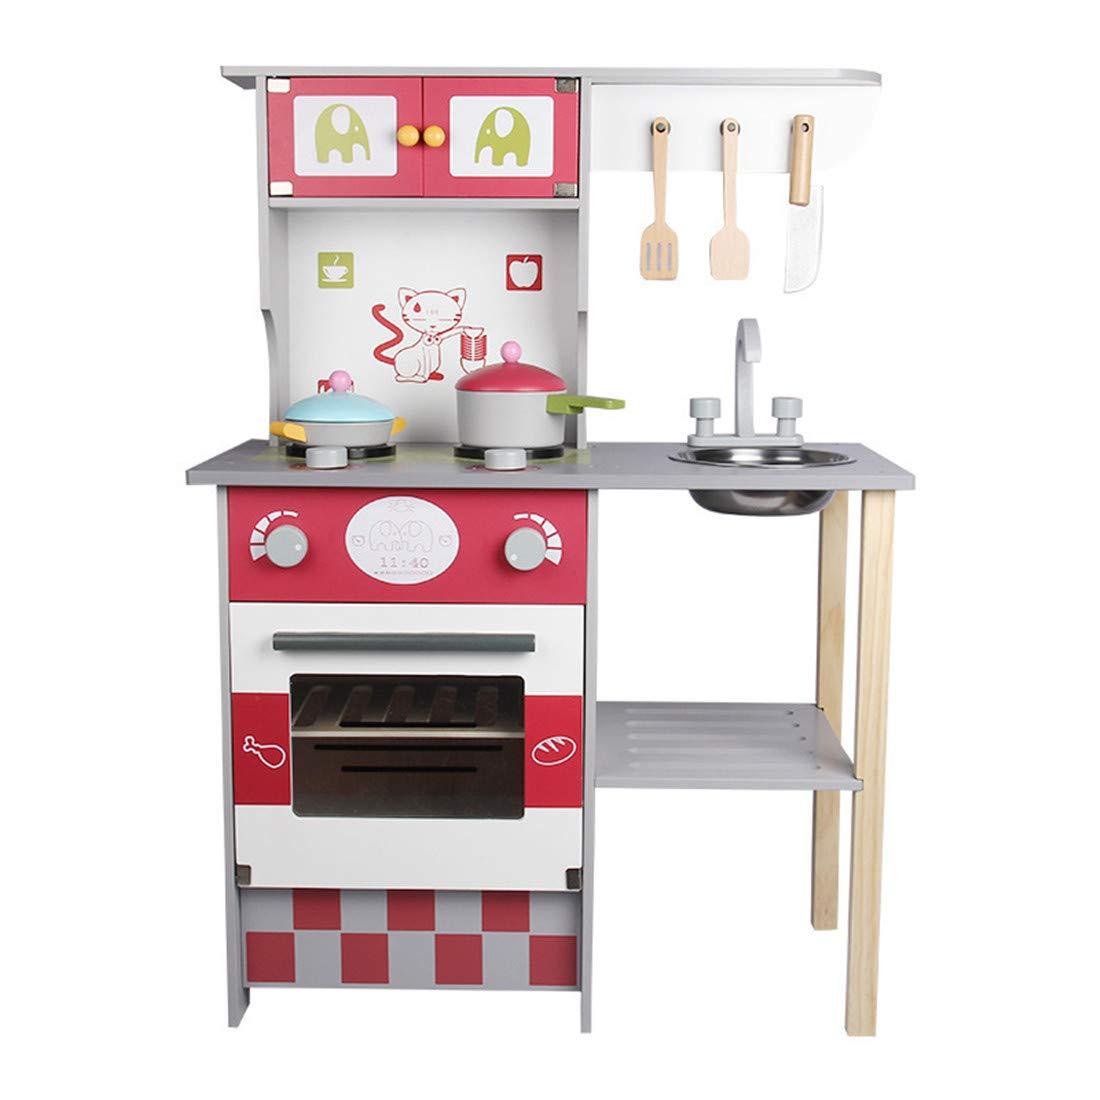 キッズキッチン木製おままごとセット キッチンフードクッキングアクセサリー 子供用シェフロールトイ   B07LBT2Y8B